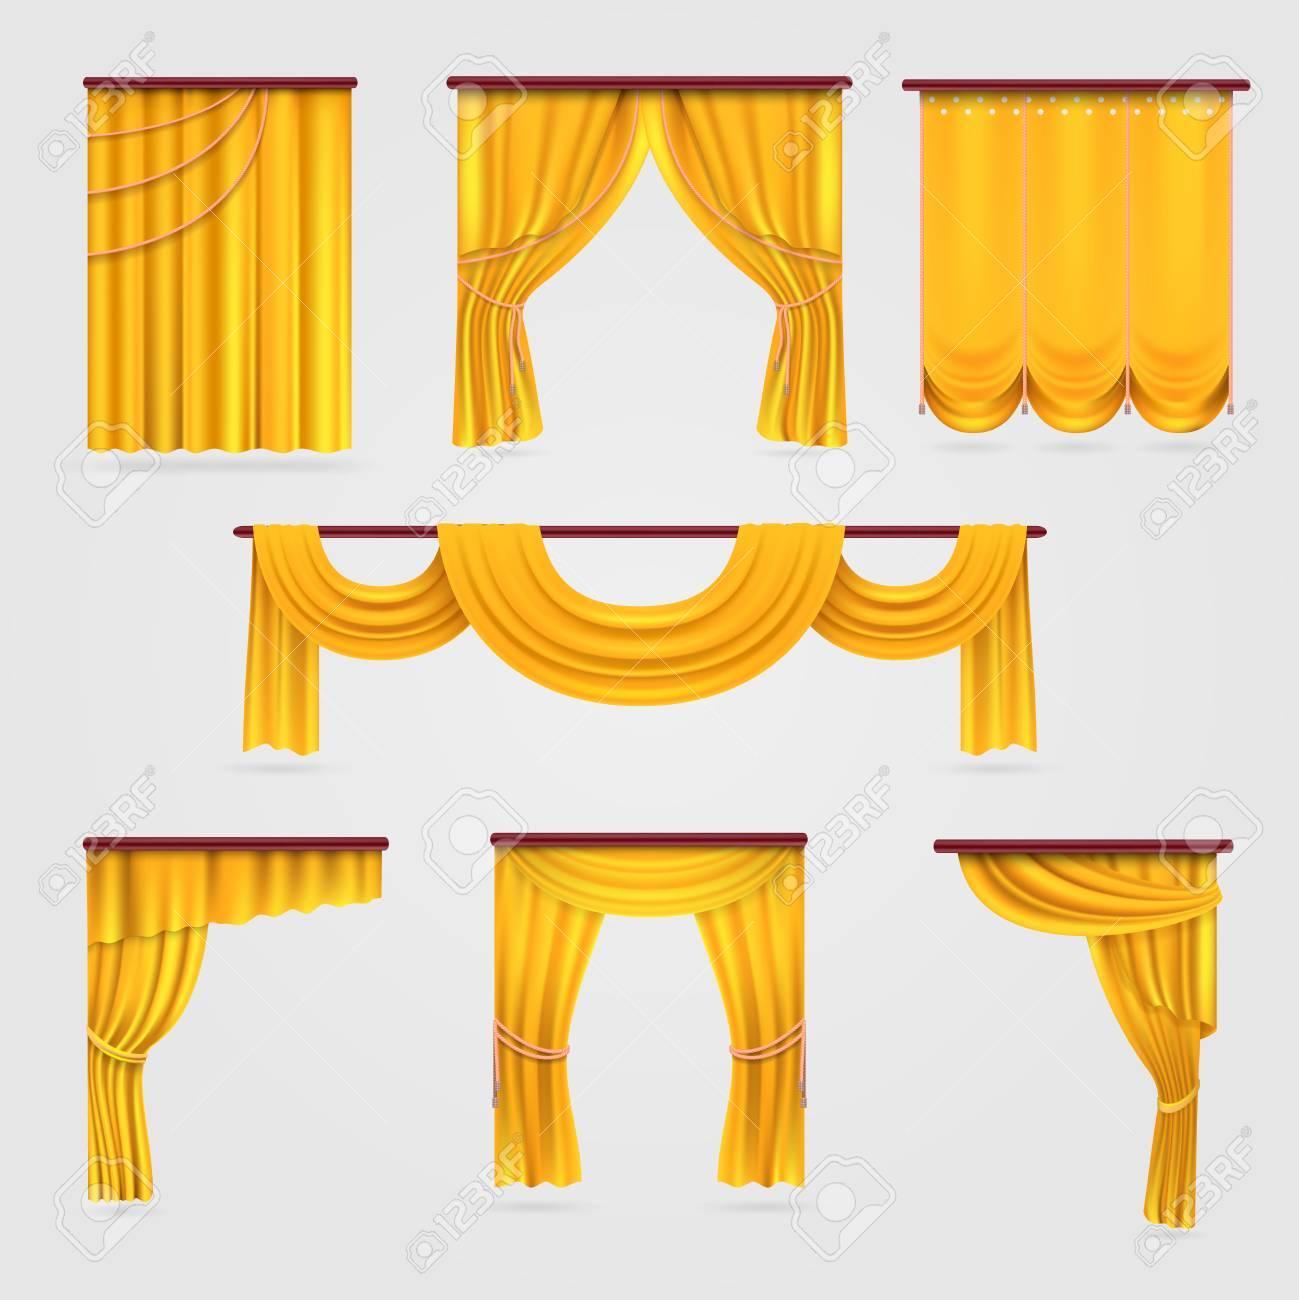 rideau en velours dore stock de vecteur de decoration de scene de mariage rideau de theatre illustration de rideau en textile isole